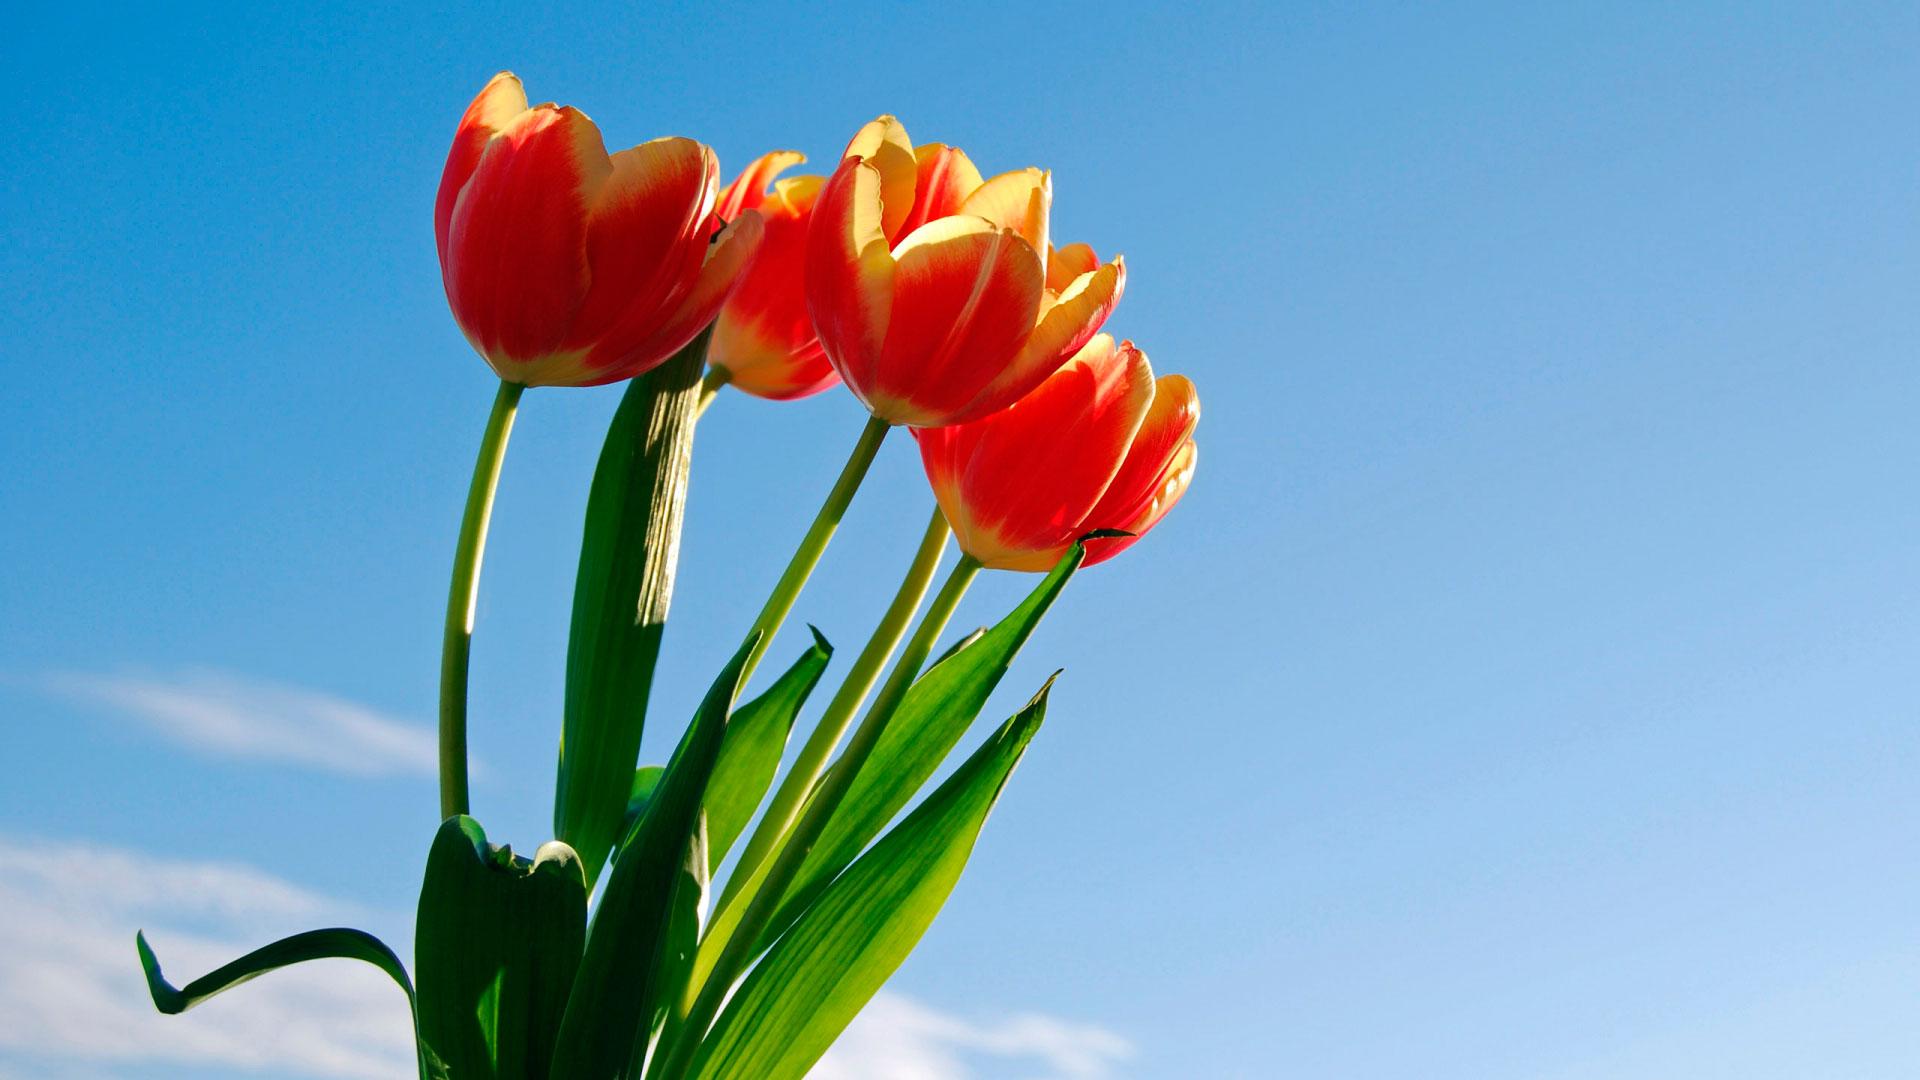 тюльпаны фото широкоформатные